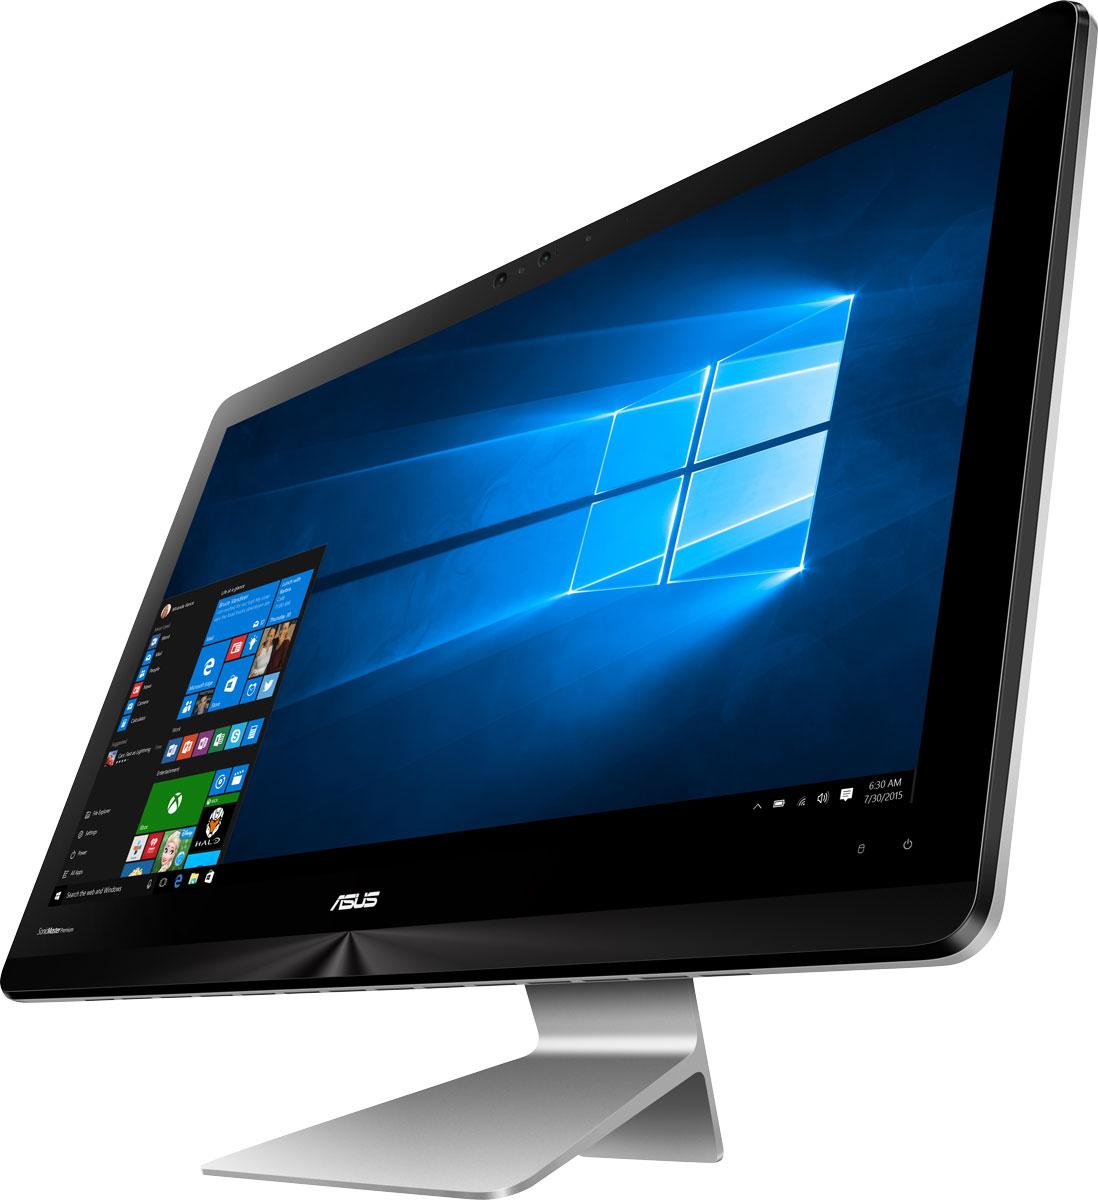 ASUS Zen AiO ZN241ICGK-RA005T, Grey моноблокZN241ICGK-RA005TМоноблочный компьютер ASUS Zen AiO ZN241IC - еще одно доказательство того, что современные технологии могут быть красивыми. Его монолитный корпус в кварцевом сером цвете с оригинальной текстурой поверхности идеально впишется в любой домашний интерьер.ASUS Zen AiO ZN241IC обладает ультратонким экраном со светодиодной подсветкой, обеспечивающим высокую яркость и контрастность изображения. Благодаря широким углам обзора IPS-матрицы картинка на экране моноблока не претерпевает каких-либо искажений цветопередачи при изменении угла, под которым пользователь смотрит на экран. Разрешение Full HD (1920x1080) позволяет наслаждаться играми и фильмами с безупречной четкостью.ASUS Zen AiO ZN241IC может похвастать не только внешним видом, но и великолепной производительностью. Процессор Intel Core i5 последнего поколения, скоростная память DDR4, высокопроизводительная видеокарта NVIDIA GeForce GTX 940MX и самые современные интерфейсы подключения гарантируют комфортную работу в любых программах.Аудиосистема Zen AiO ZN241IC с технологией ASUS SonicMaster Premium включает стереодинамики с общей выходной мощностью 6 Вт, которые обеспечивают богатое и чистое звучание в широком диапазоне частот. Zen AiO создает полноценную звуковую картину, будь то просмотр блокбастера, игра или отдых под музыку.Порт USB 3.0 Type-A, которым оборудован данный компьютер, обладает пропускной способностью до 10 Гбит/с, то есть в два раза более высокой, чем USB 2.0. Для максимального удобства ASUS Zen AiO ZN241IC оснащен четырьмя портами USB 3.0, а также разъемом HDMI для подключения внешнего дисплея.Точные характеристики зависят от модели.Компьютер сертифицирован EAC и имеет русифицированную клавиатуру и Руководство пользователя.